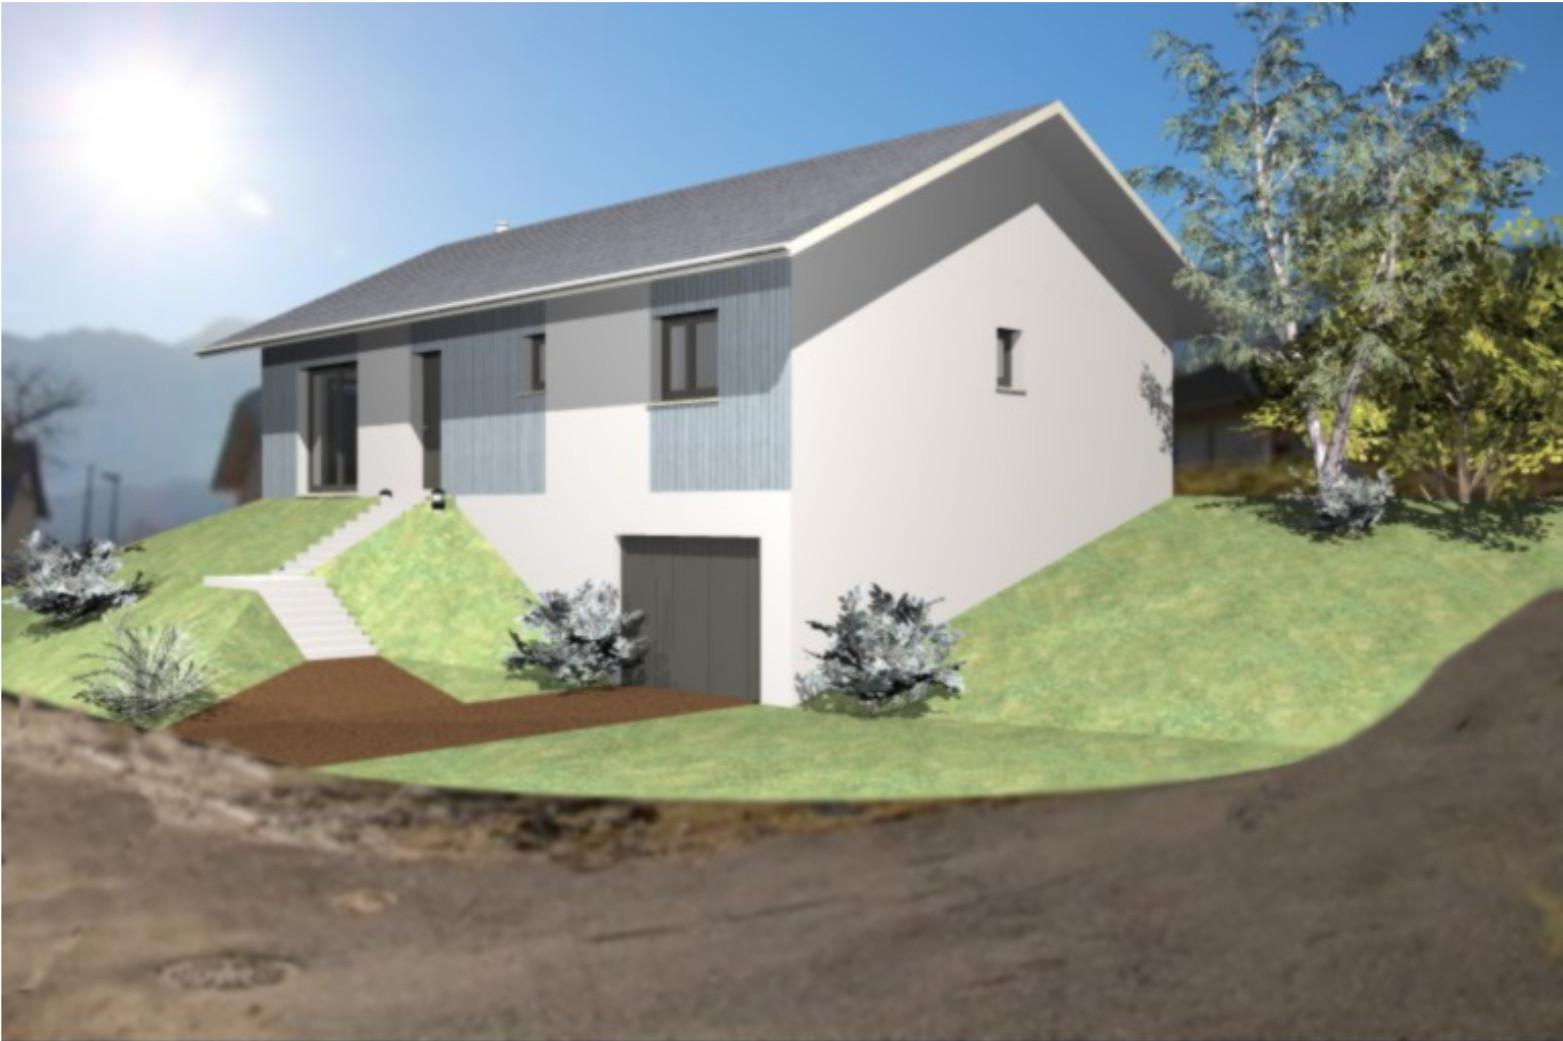 construction maison la biolle 73410 sur le partenaire. Black Bedroom Furniture Sets. Home Design Ideas